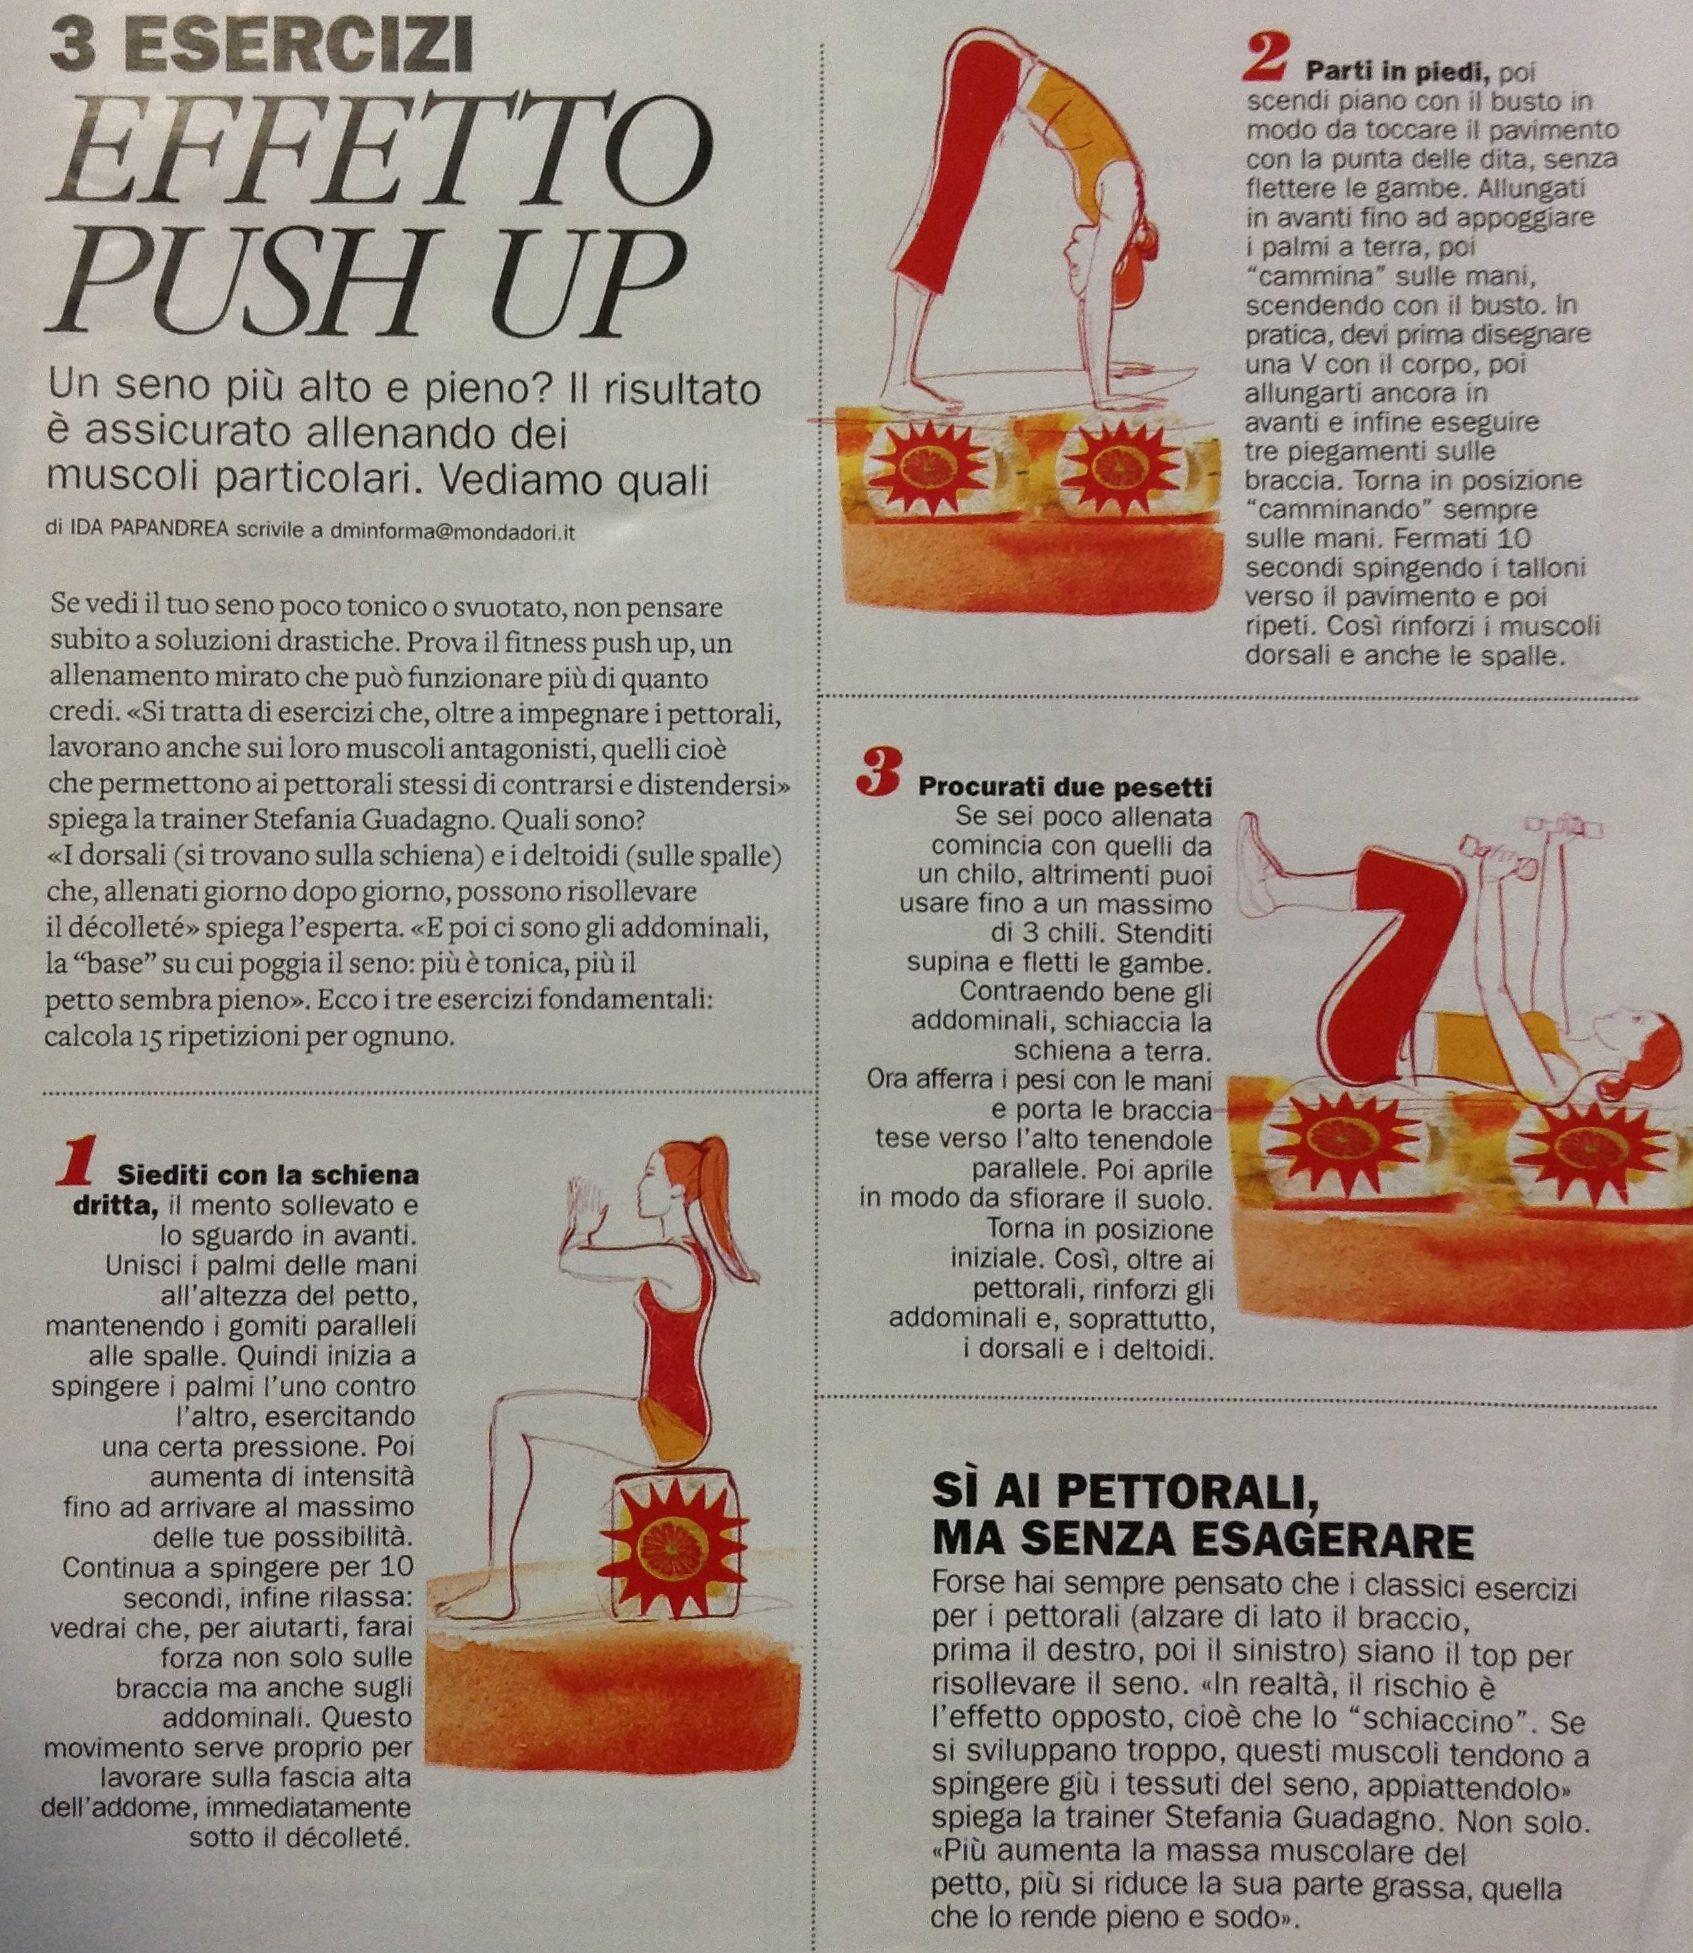 3 esercizi effetto push up